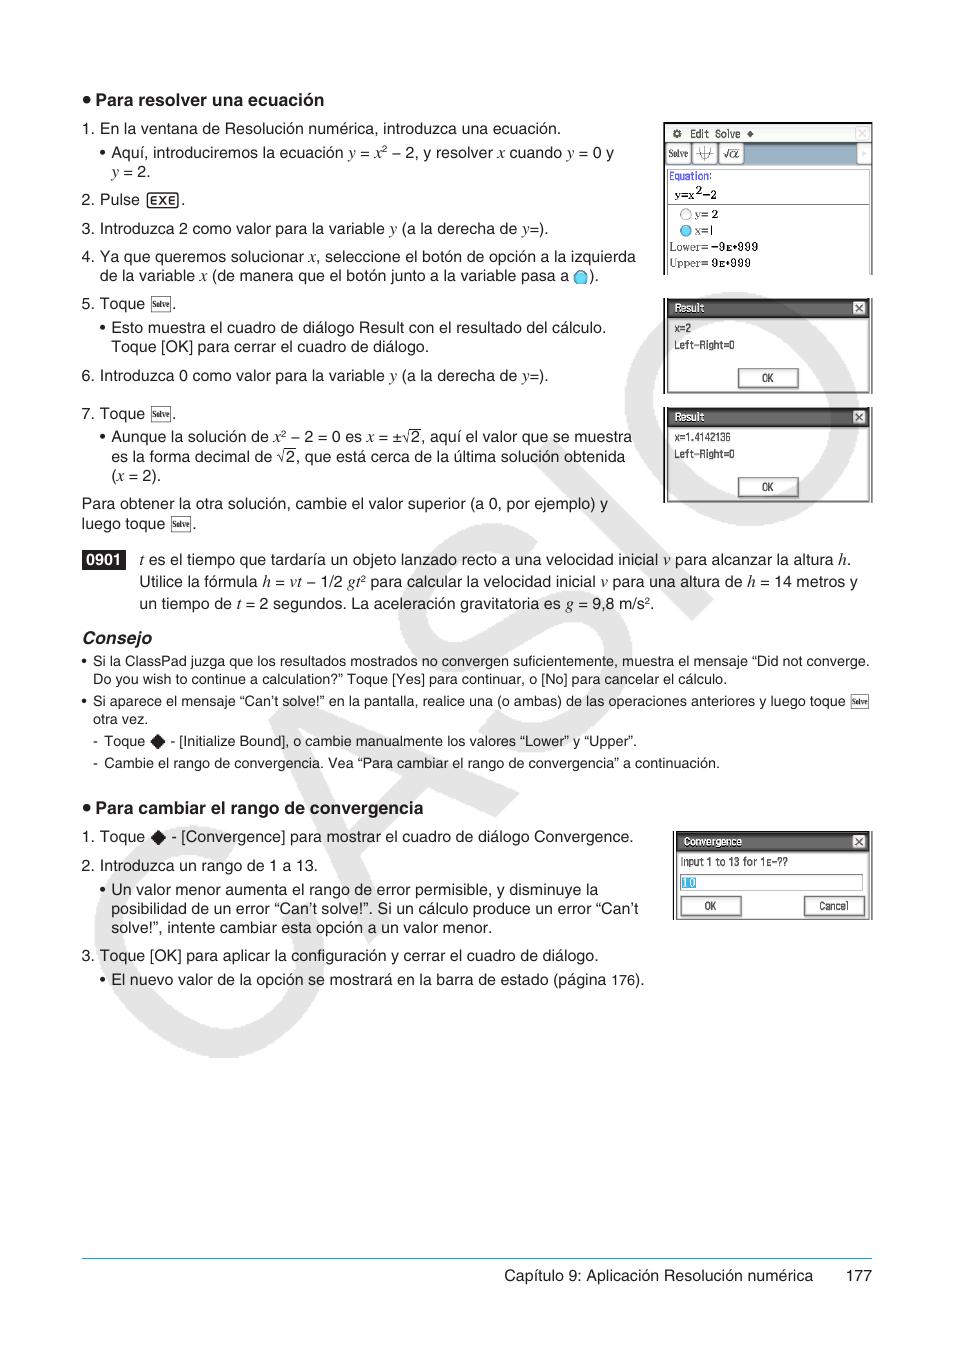 Casio ClassPad fx-CP400 Manual del usuario | Página 177 / 287